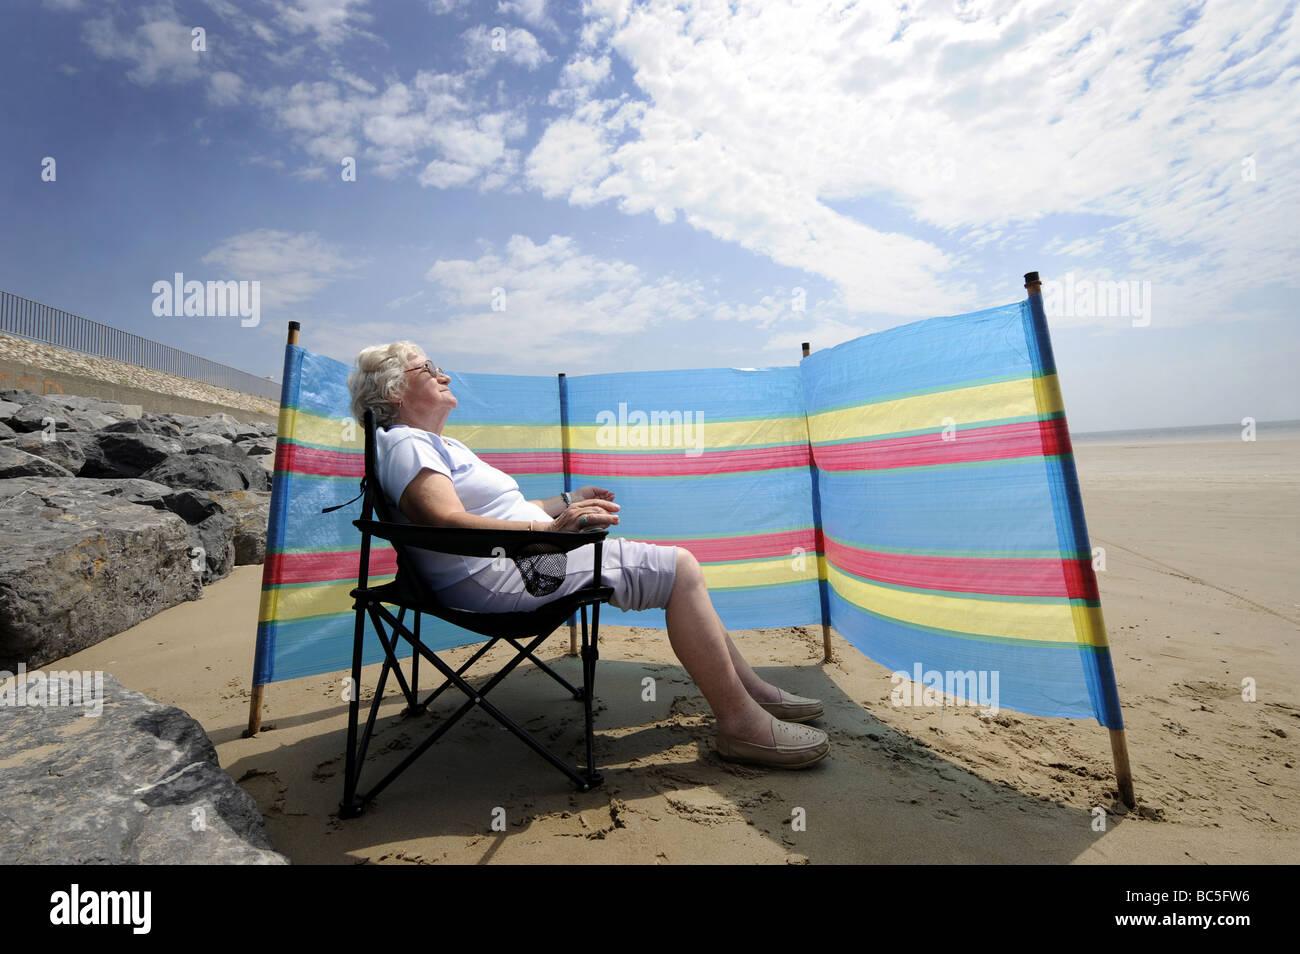 Un PENSIONNÉ BÉNÉFICIE D'un bain de soleil SUR UNE PLAGE BRITANNIQUE AVEC UN COUPE-VENT RE RETRAITE Photo Stock